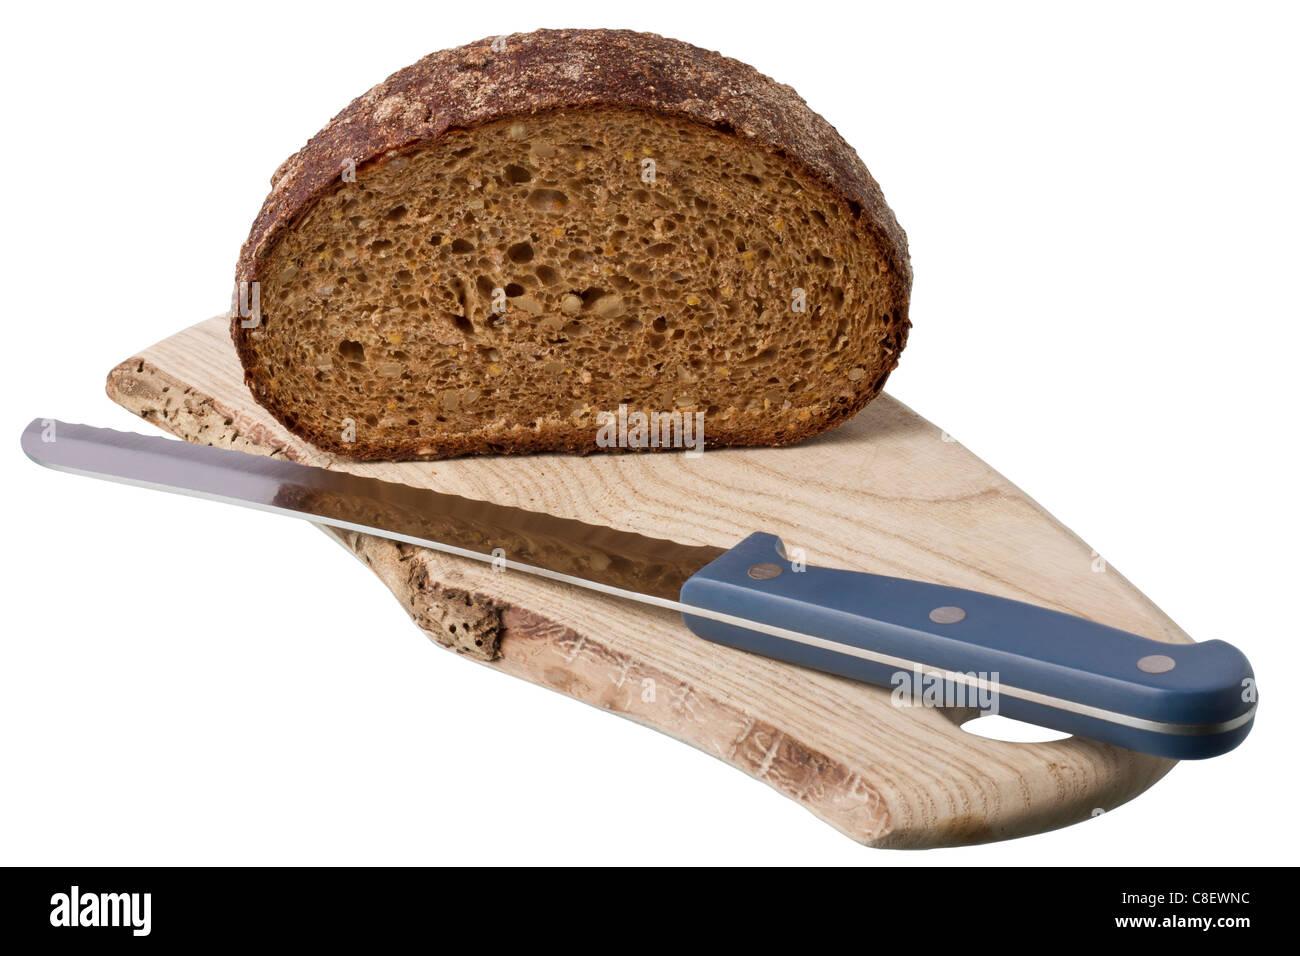 Le pain brun sur la tablette avec le couteau isolé sur fond blanc Photo Stock